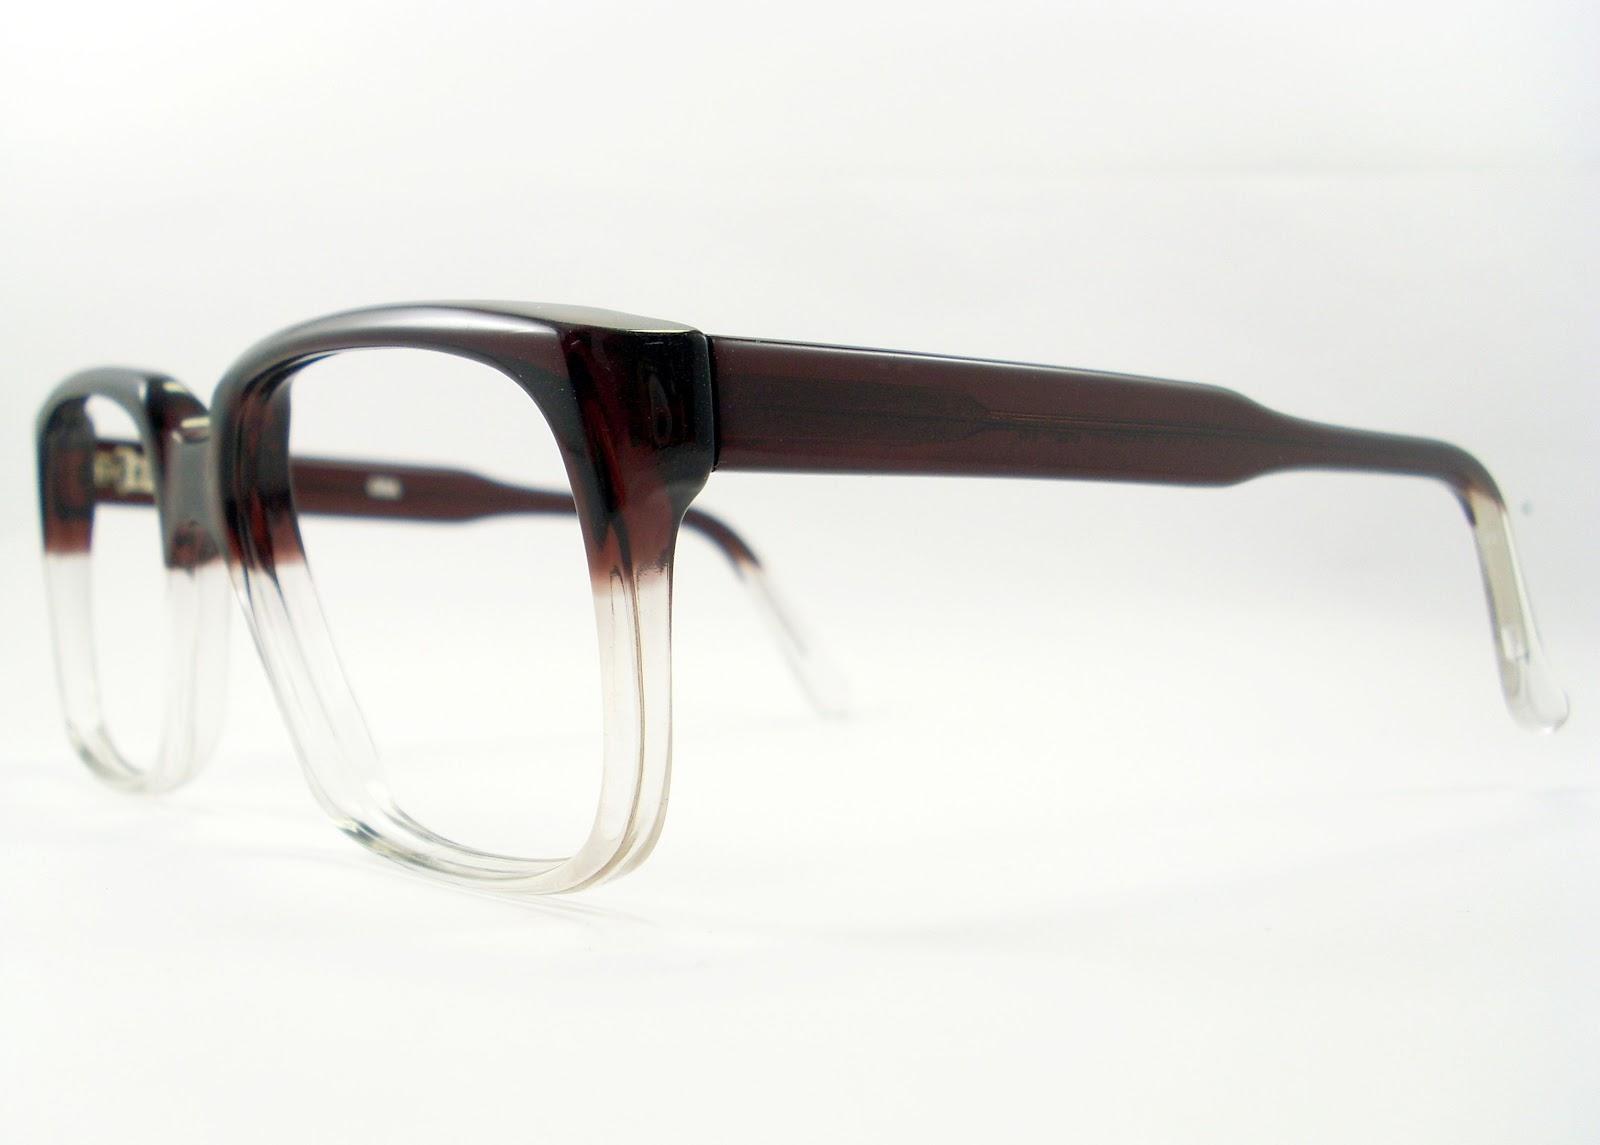 Glasses Frame Guess : Vintage Eyeglasses Frames Eyewear Sunglasses 50S: Vintage ...